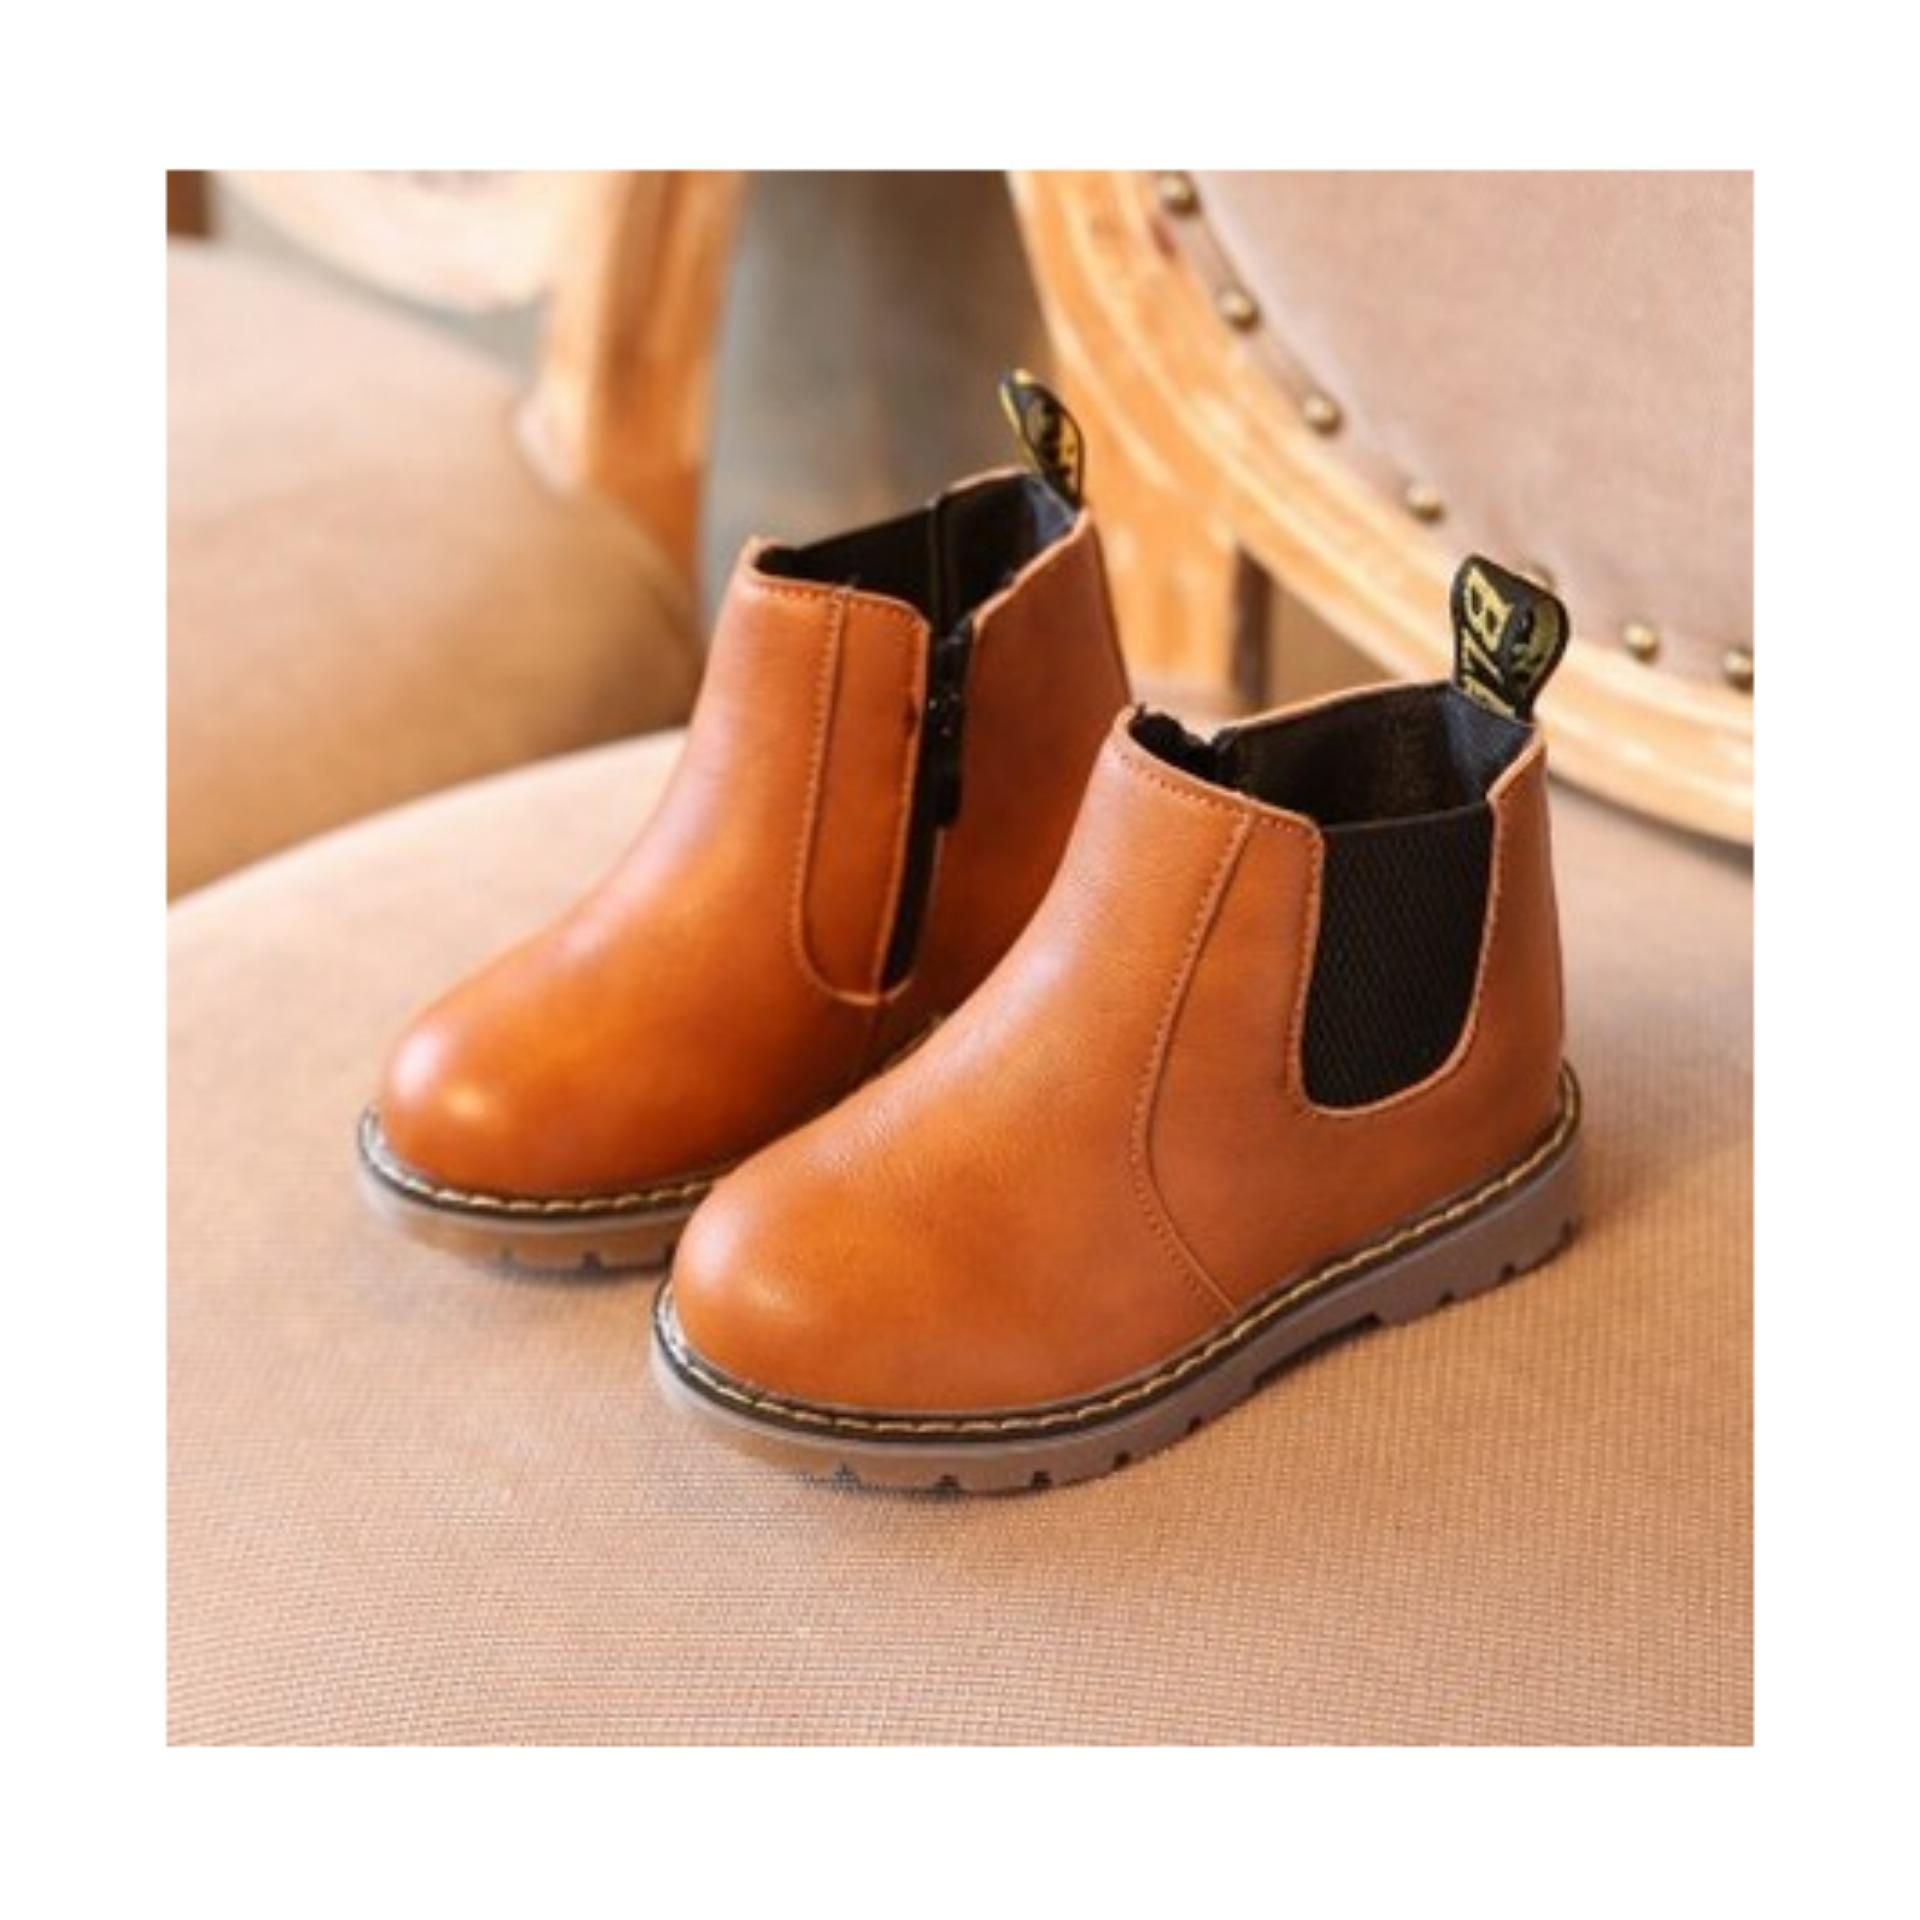 Giấy Bốt (boot) bé gái